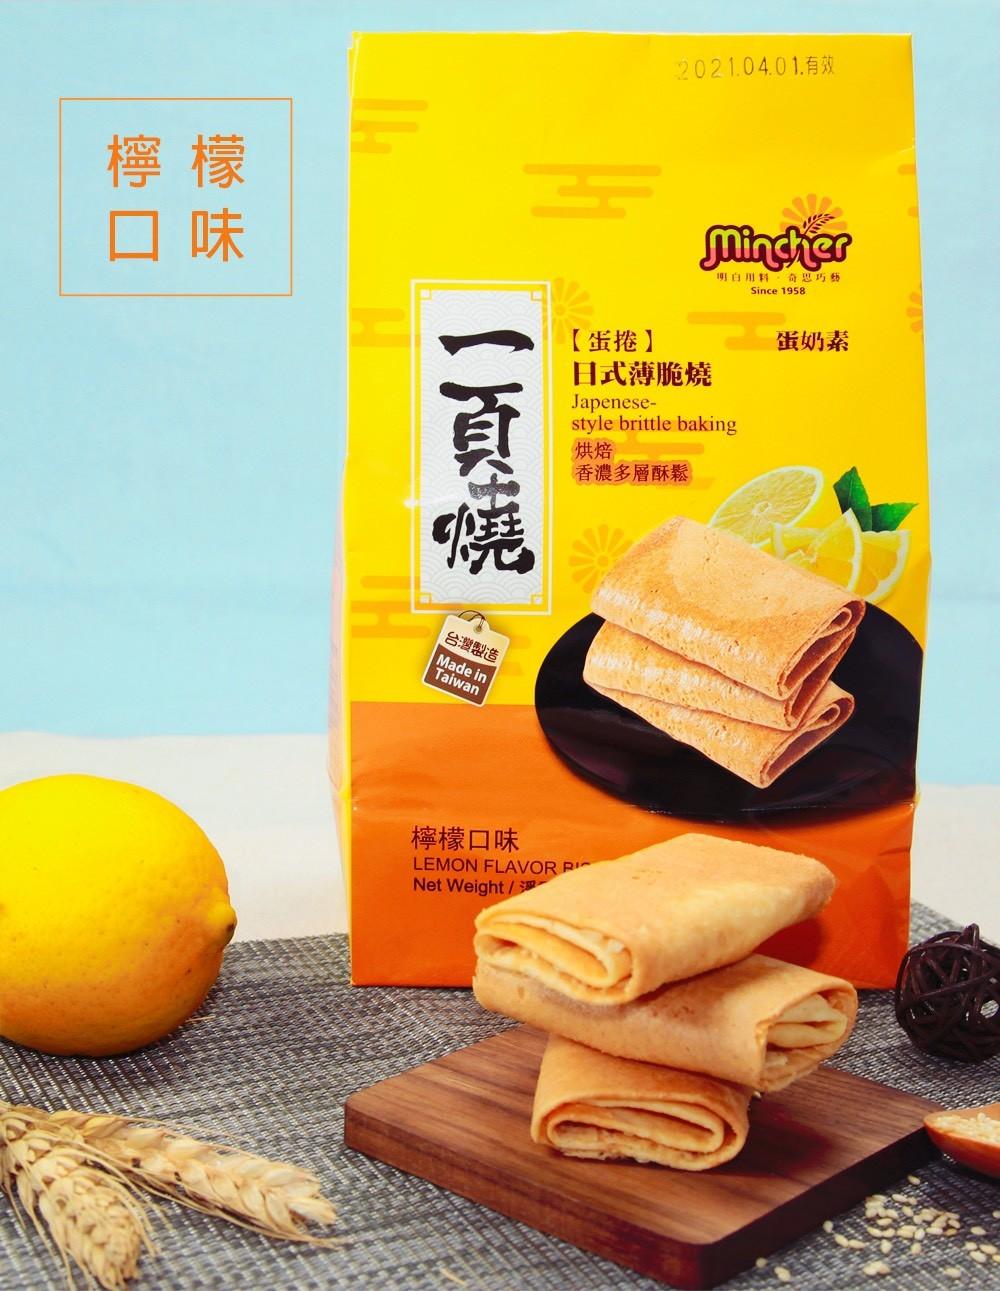 一頁燒-檸檬巧克力 144g